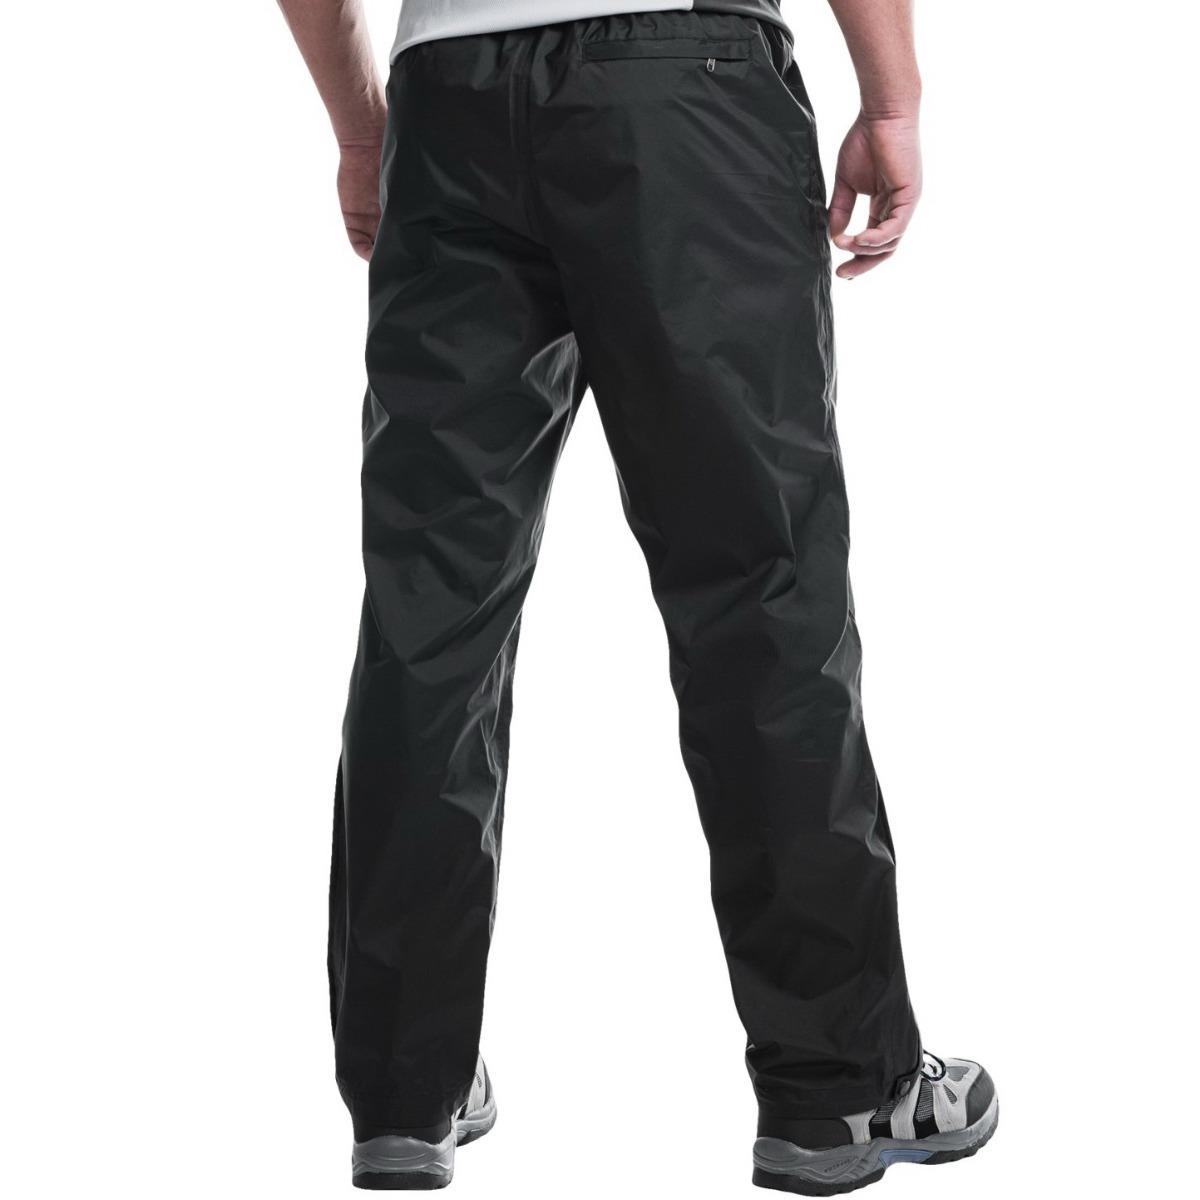 marcas reconocidas comprar popular imágenes detalladas buscar autorización venta profesional color rápido pantalon ...